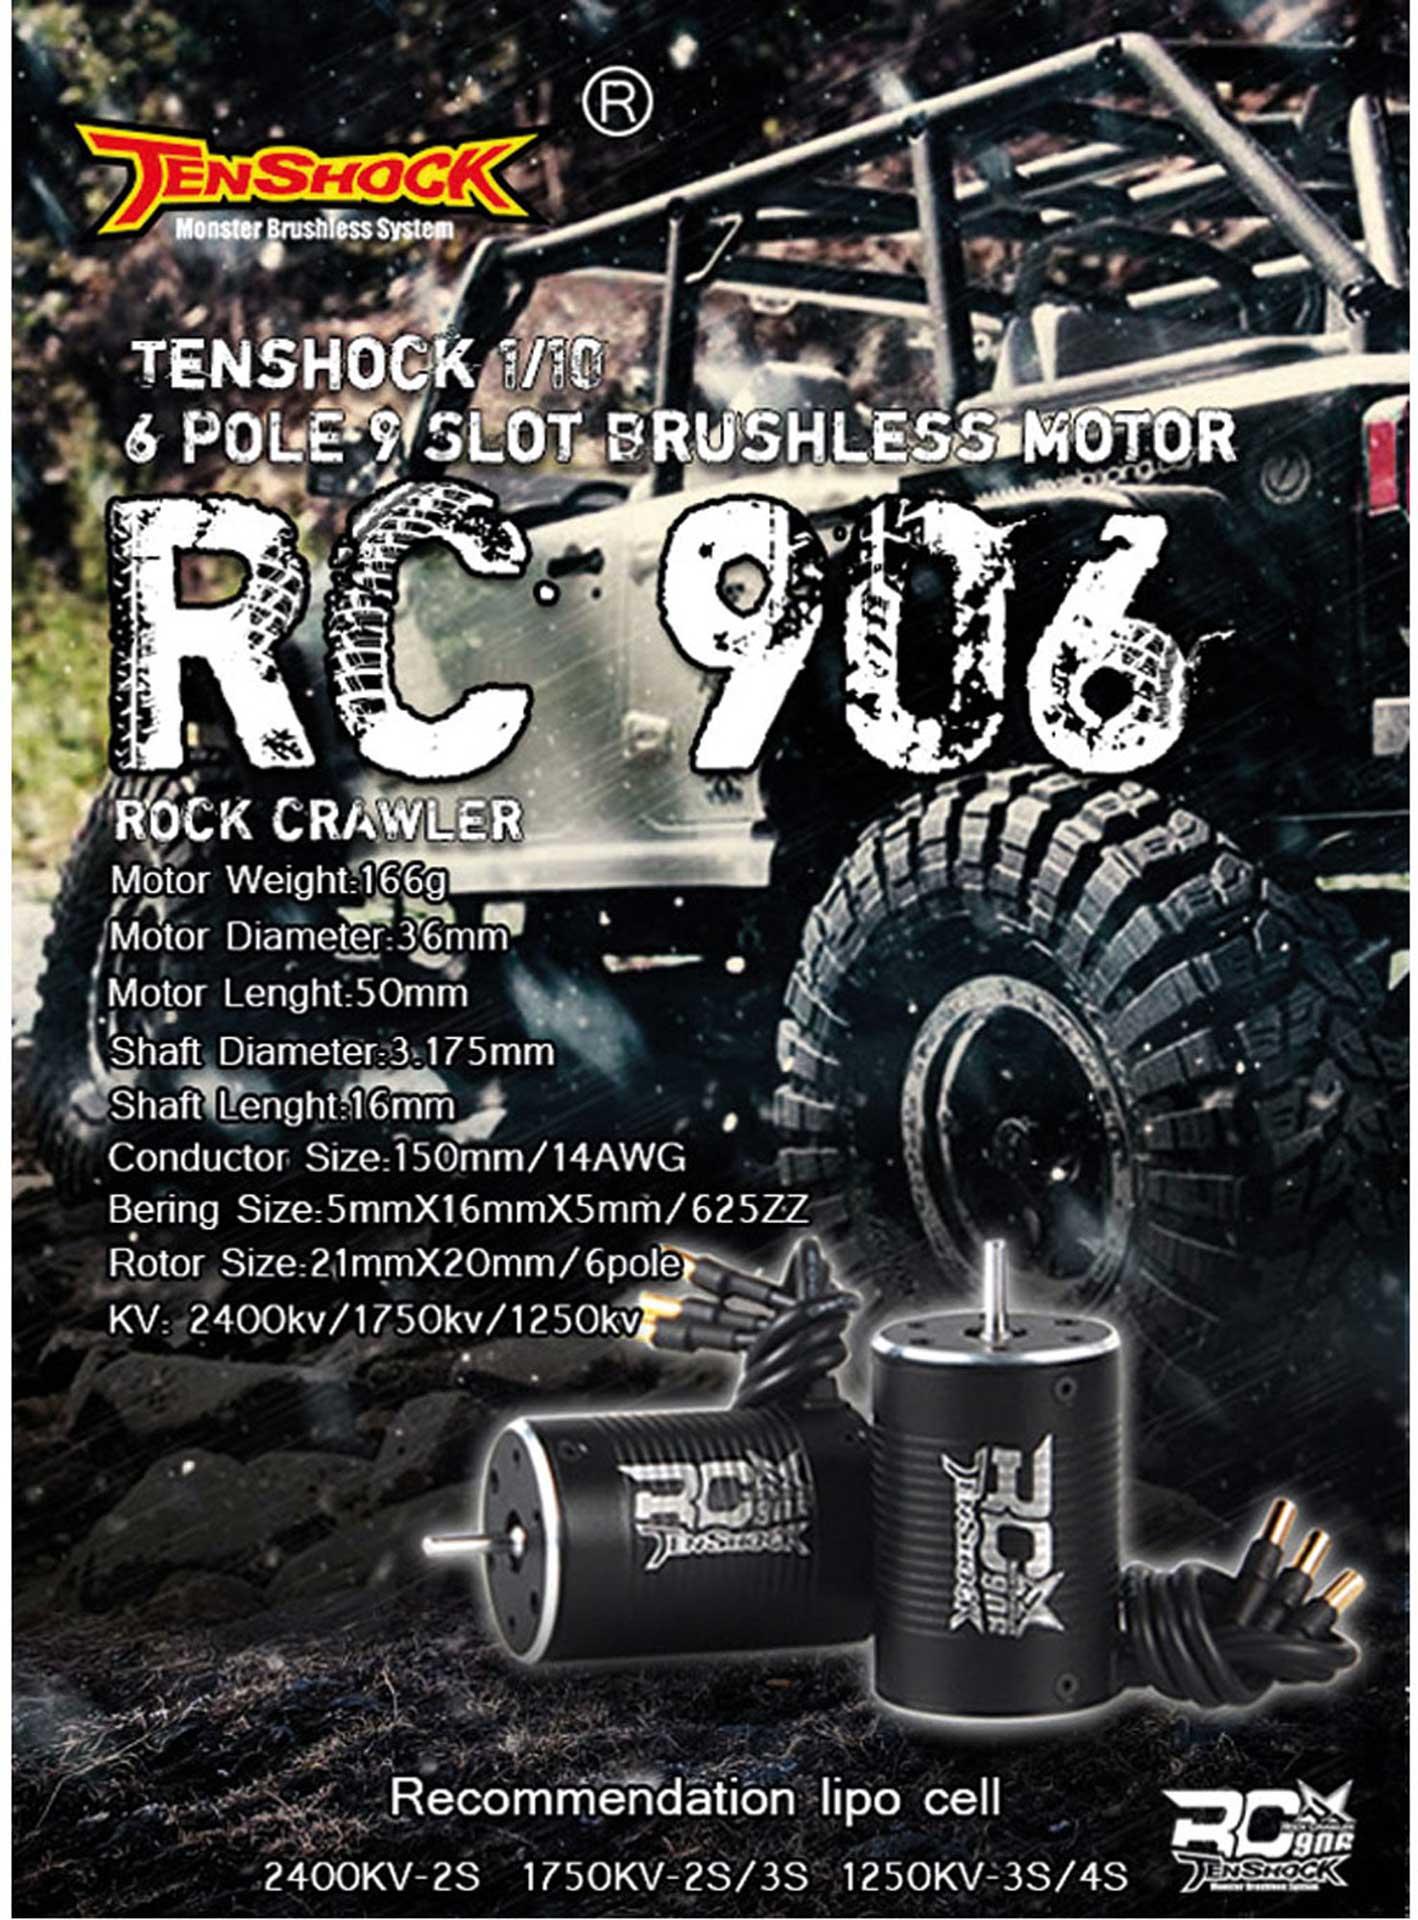 TENSHOCK RC906 1250KV BRUSHLESS MOTOR